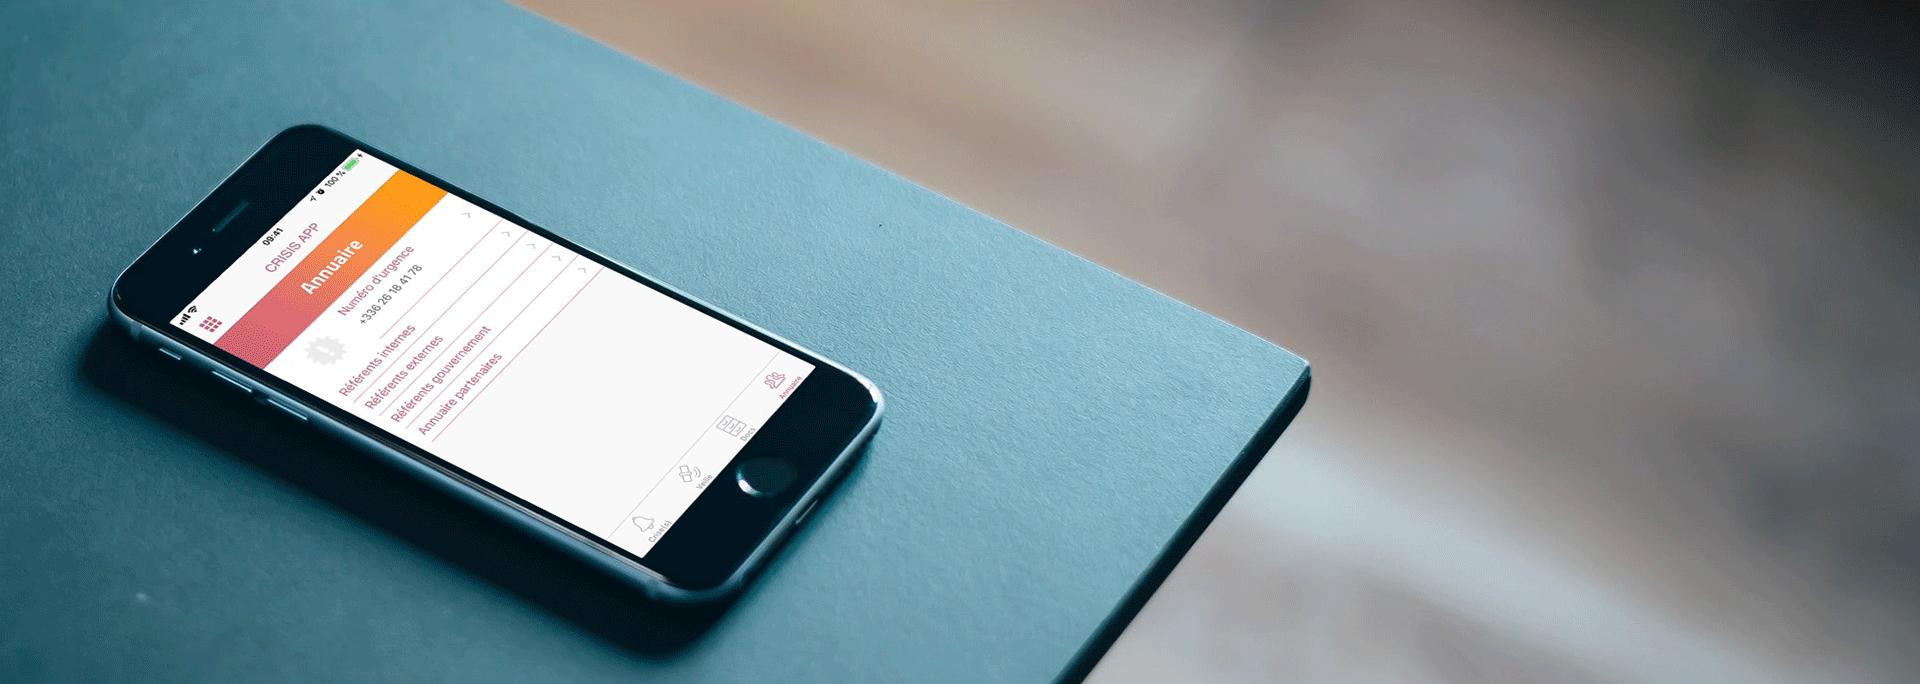 Annuaire-application-mobile-gestion-de-crise.png